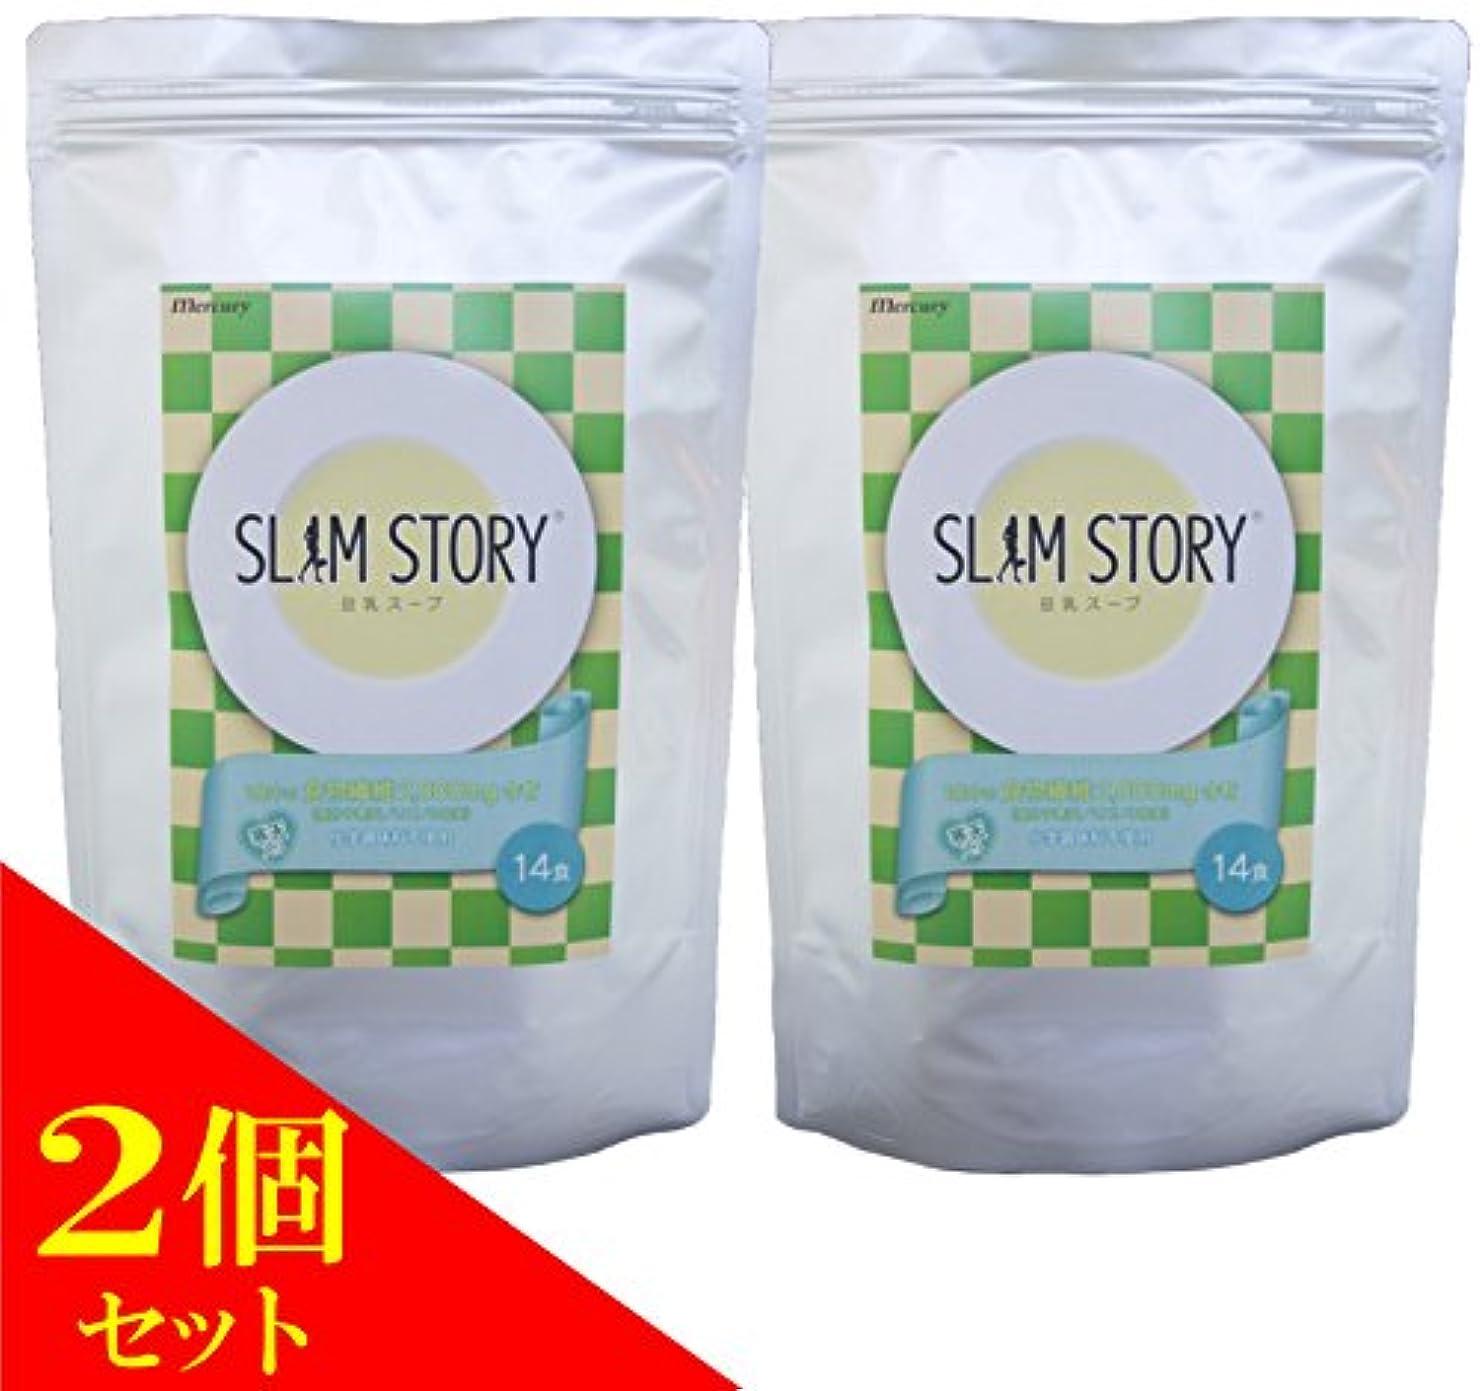 ハンディキャップアンプパトロール(2個)マーキュリー SLIM STORY 豆乳スープ 14食×2個セット/化学調味料 不使用(4947041155176)